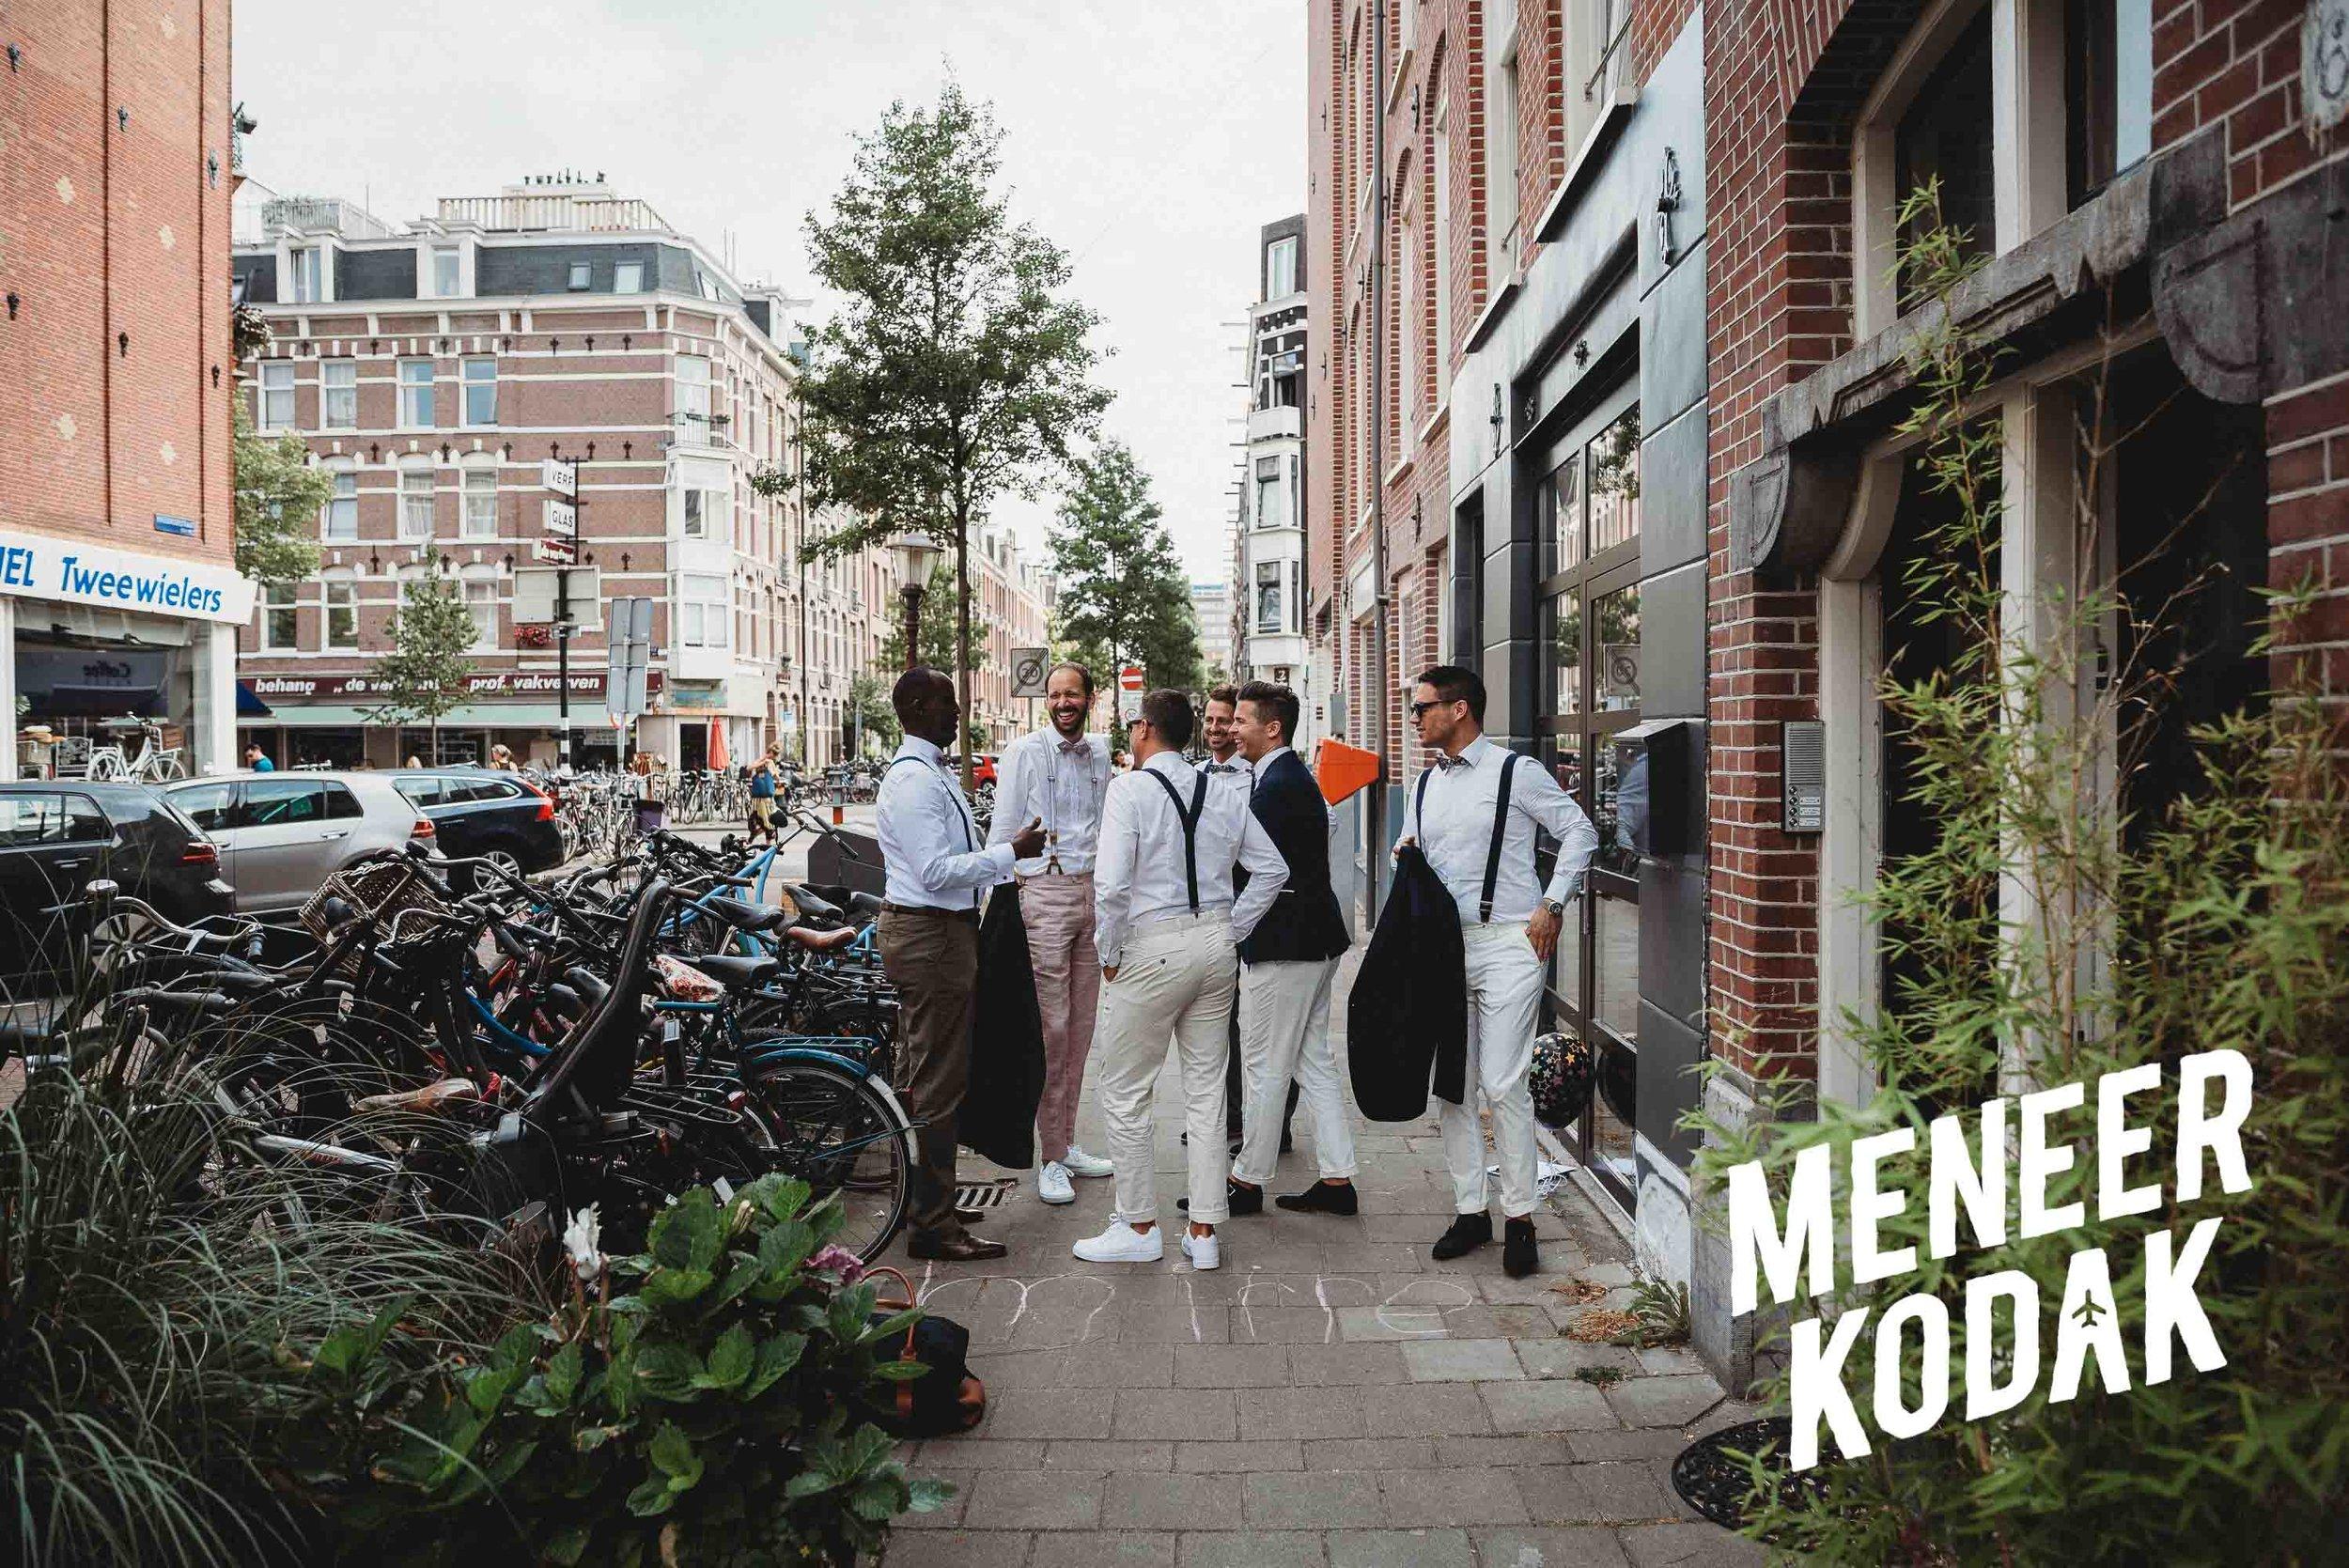 Meneer Kodak - Trouwfotograaf - Amsterdam - H&T-022.jpg